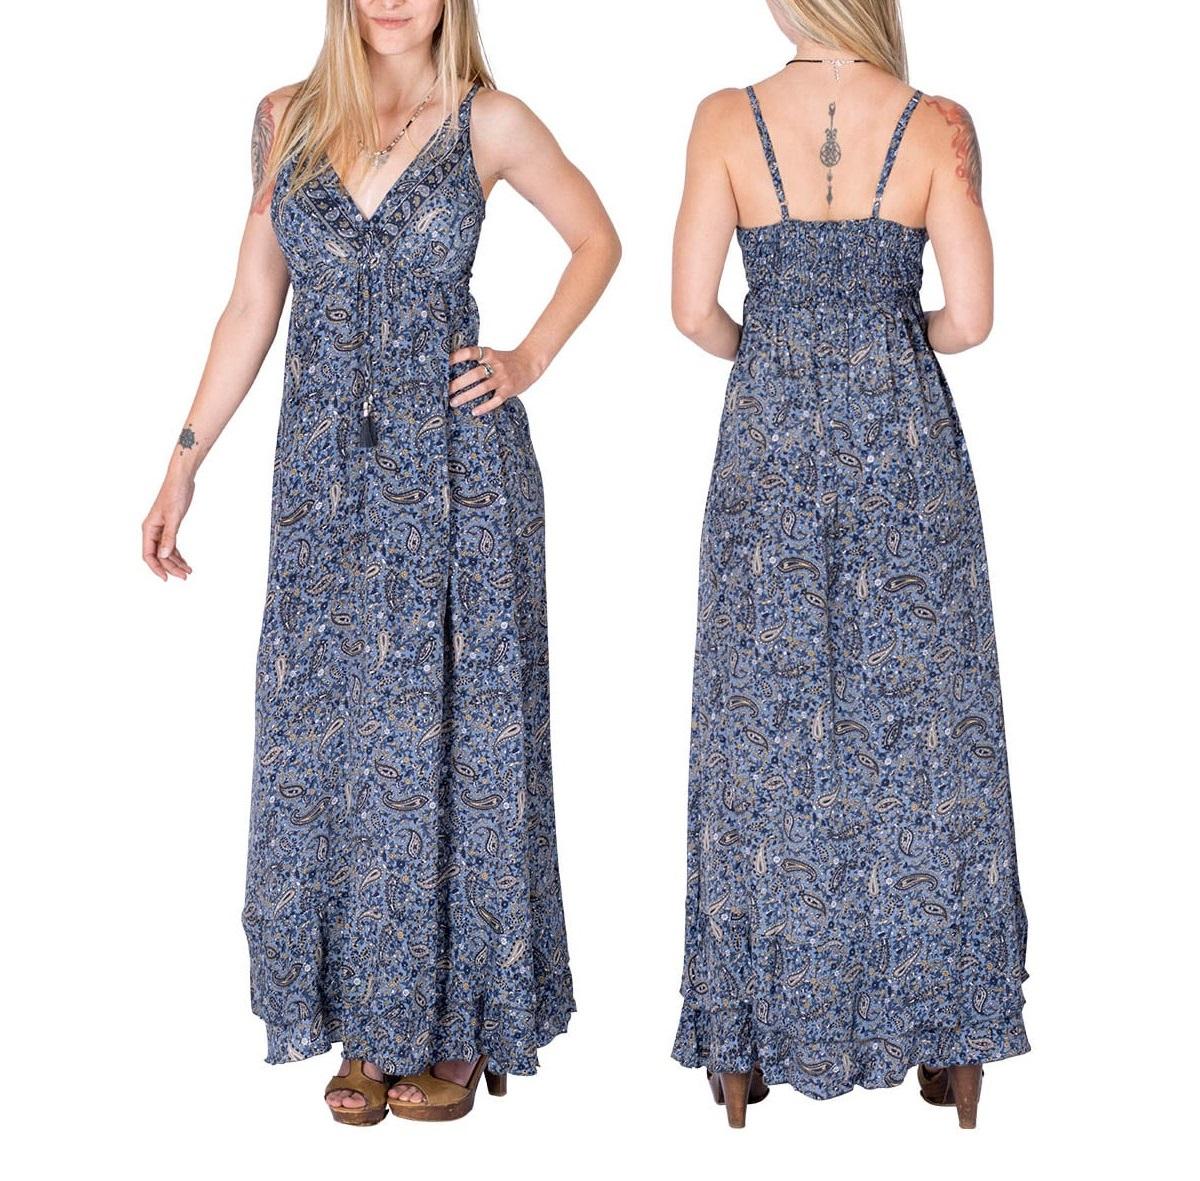 Robe en soie bohème chic | Vêtements pour femmes en ligne